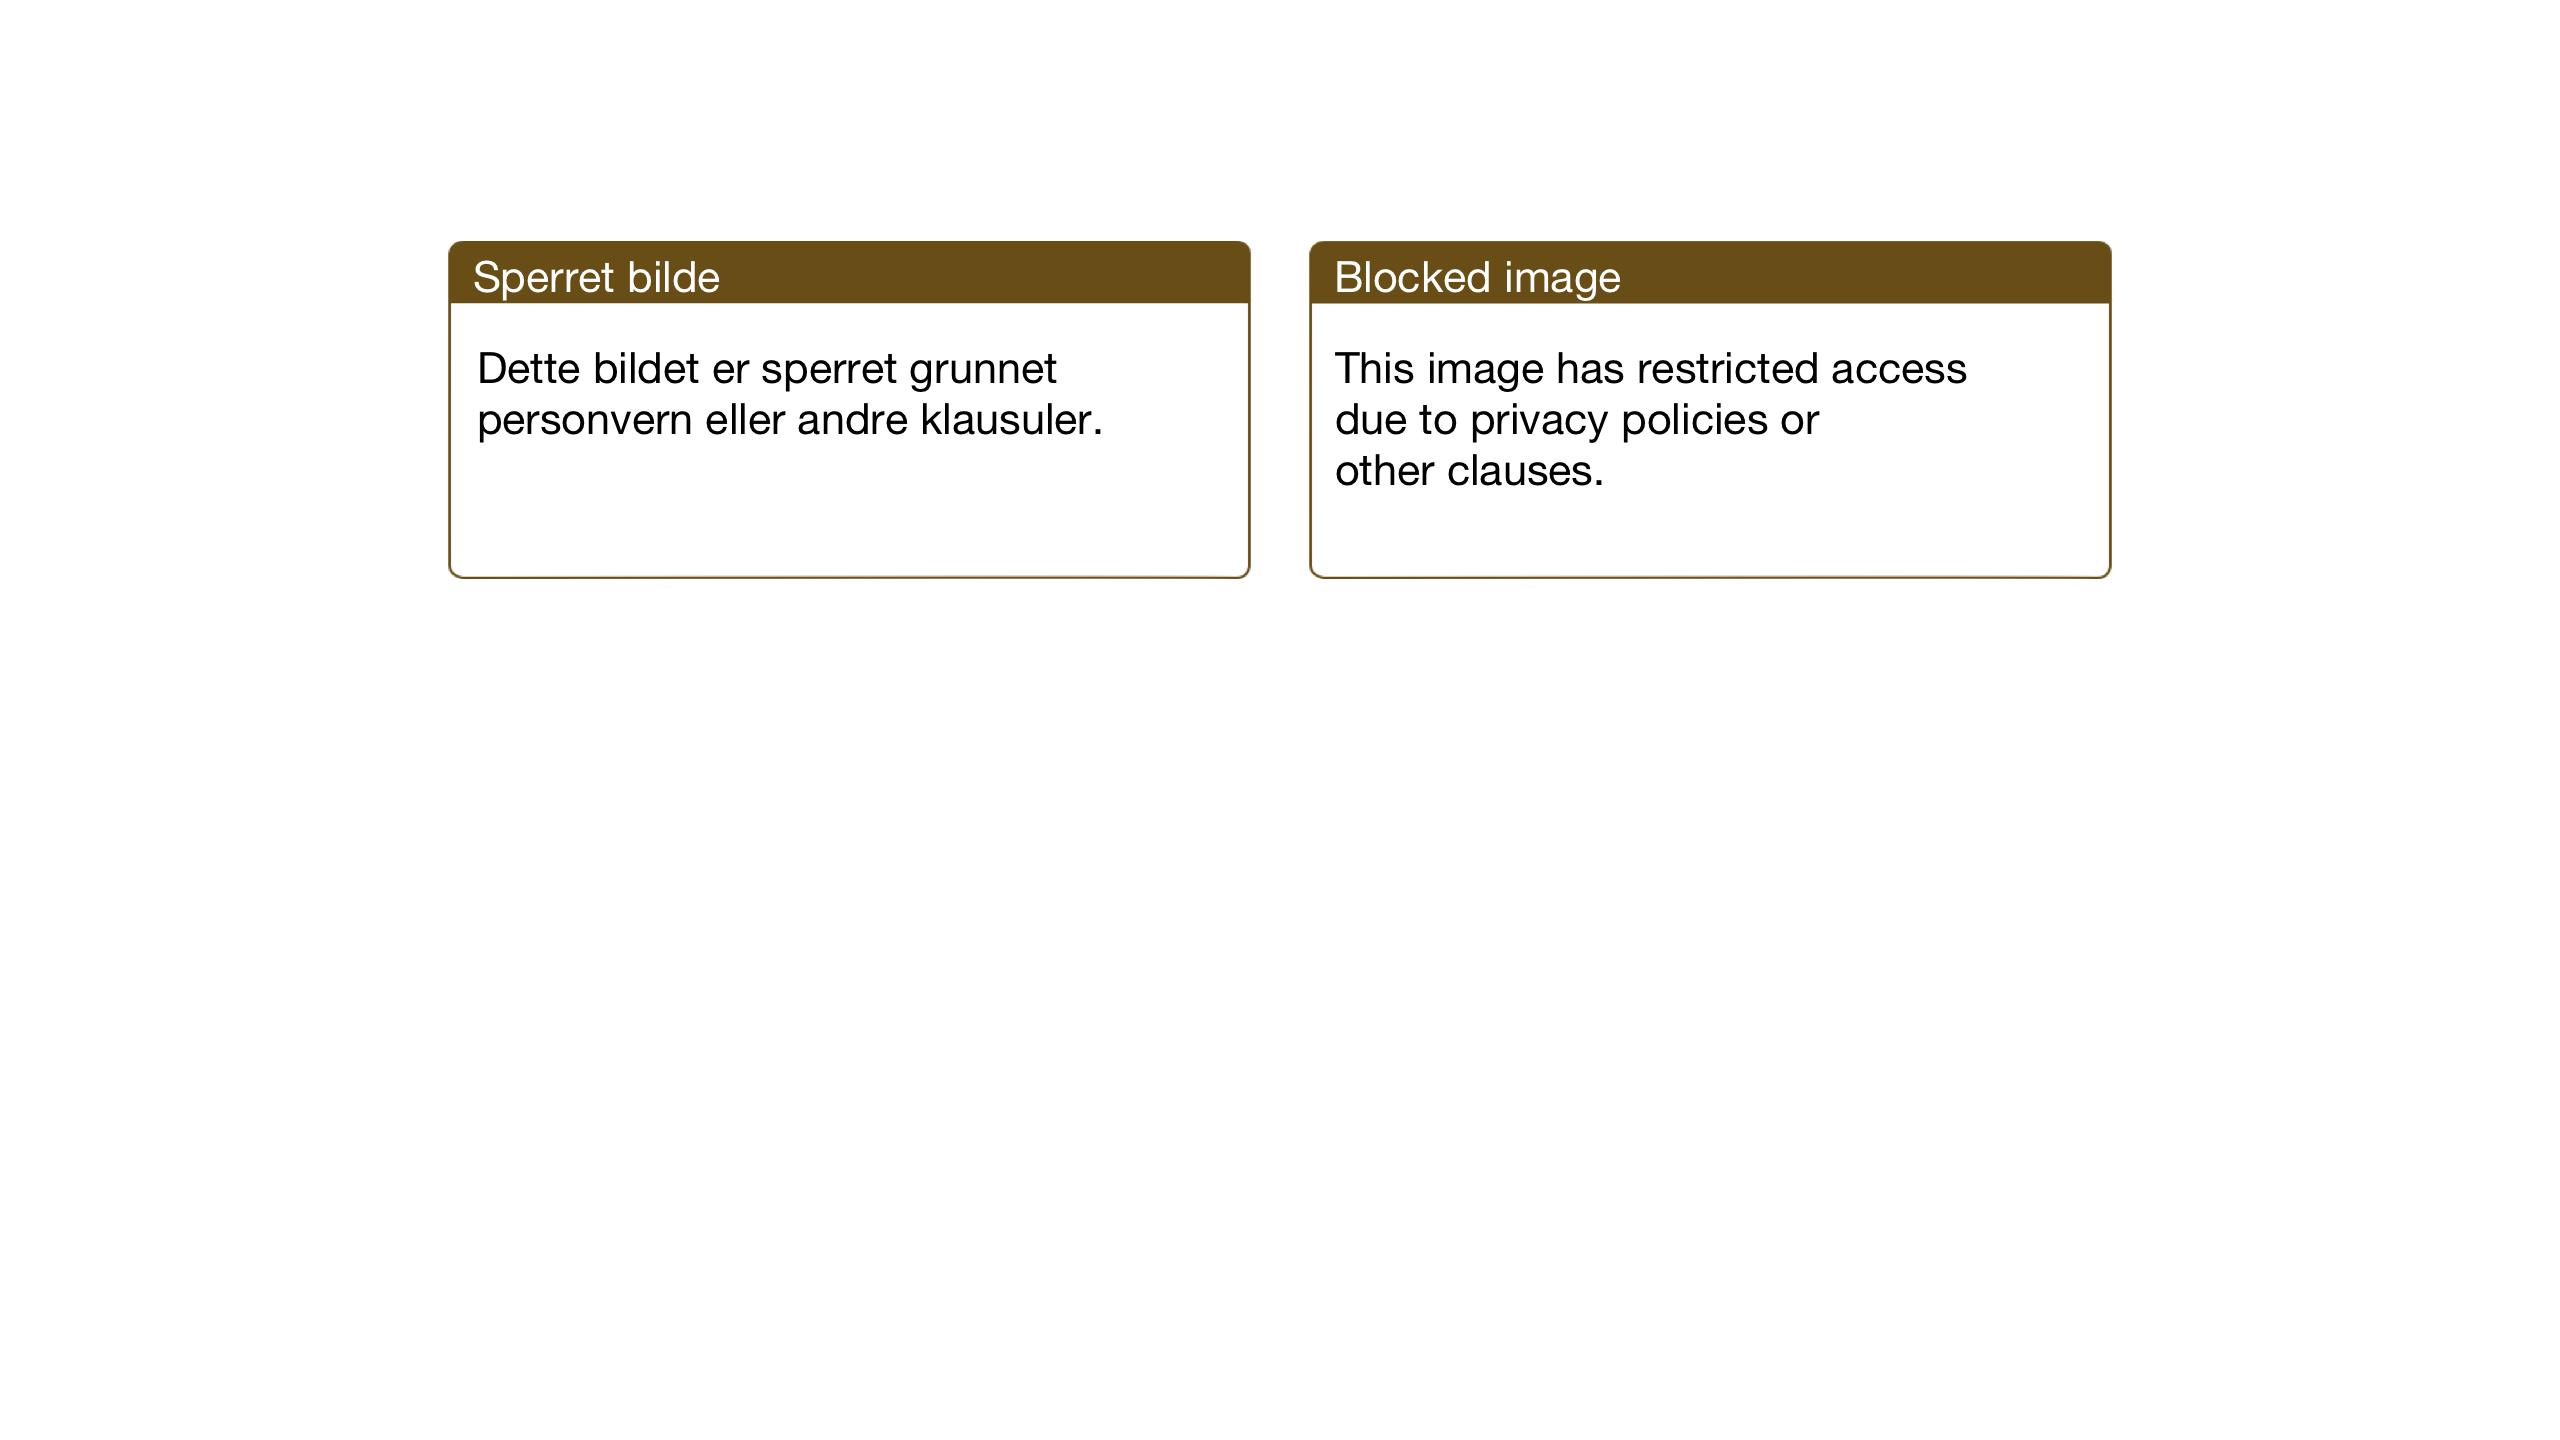 SAT, Ministerialprotokoller, klokkerbøker og fødselsregistre - Sør-Trøndelag, 638/L0569: Klokkerbok nr. 638C01, 1923-1961, s. 120